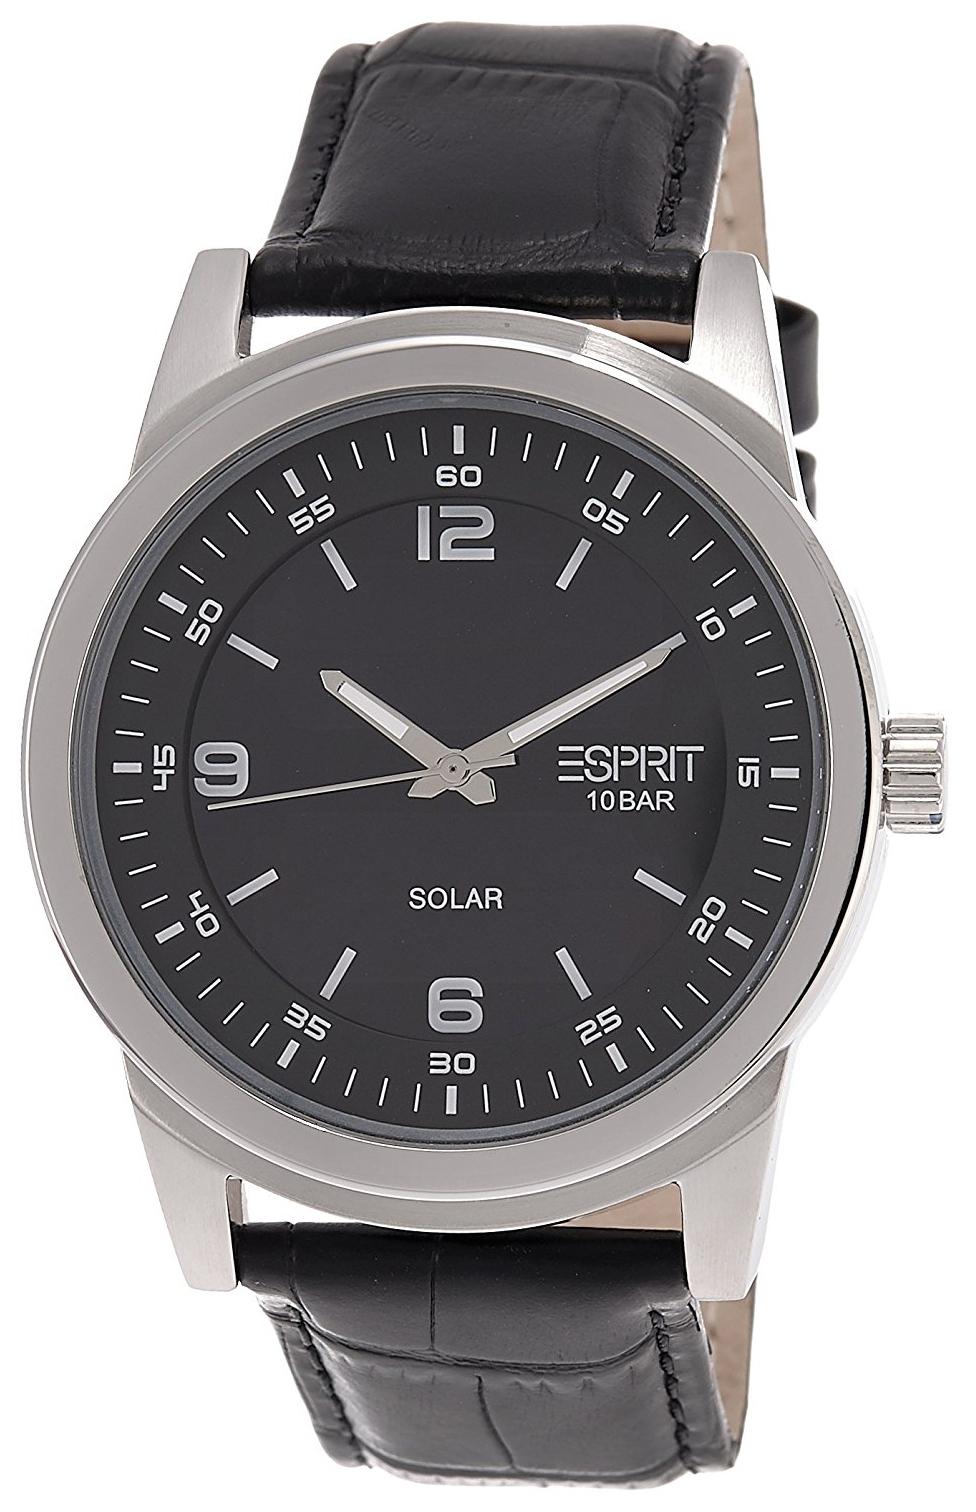 Esprit Dress Herreklokke ES105641001 Sort/Lær Ø42 mm - Esprit